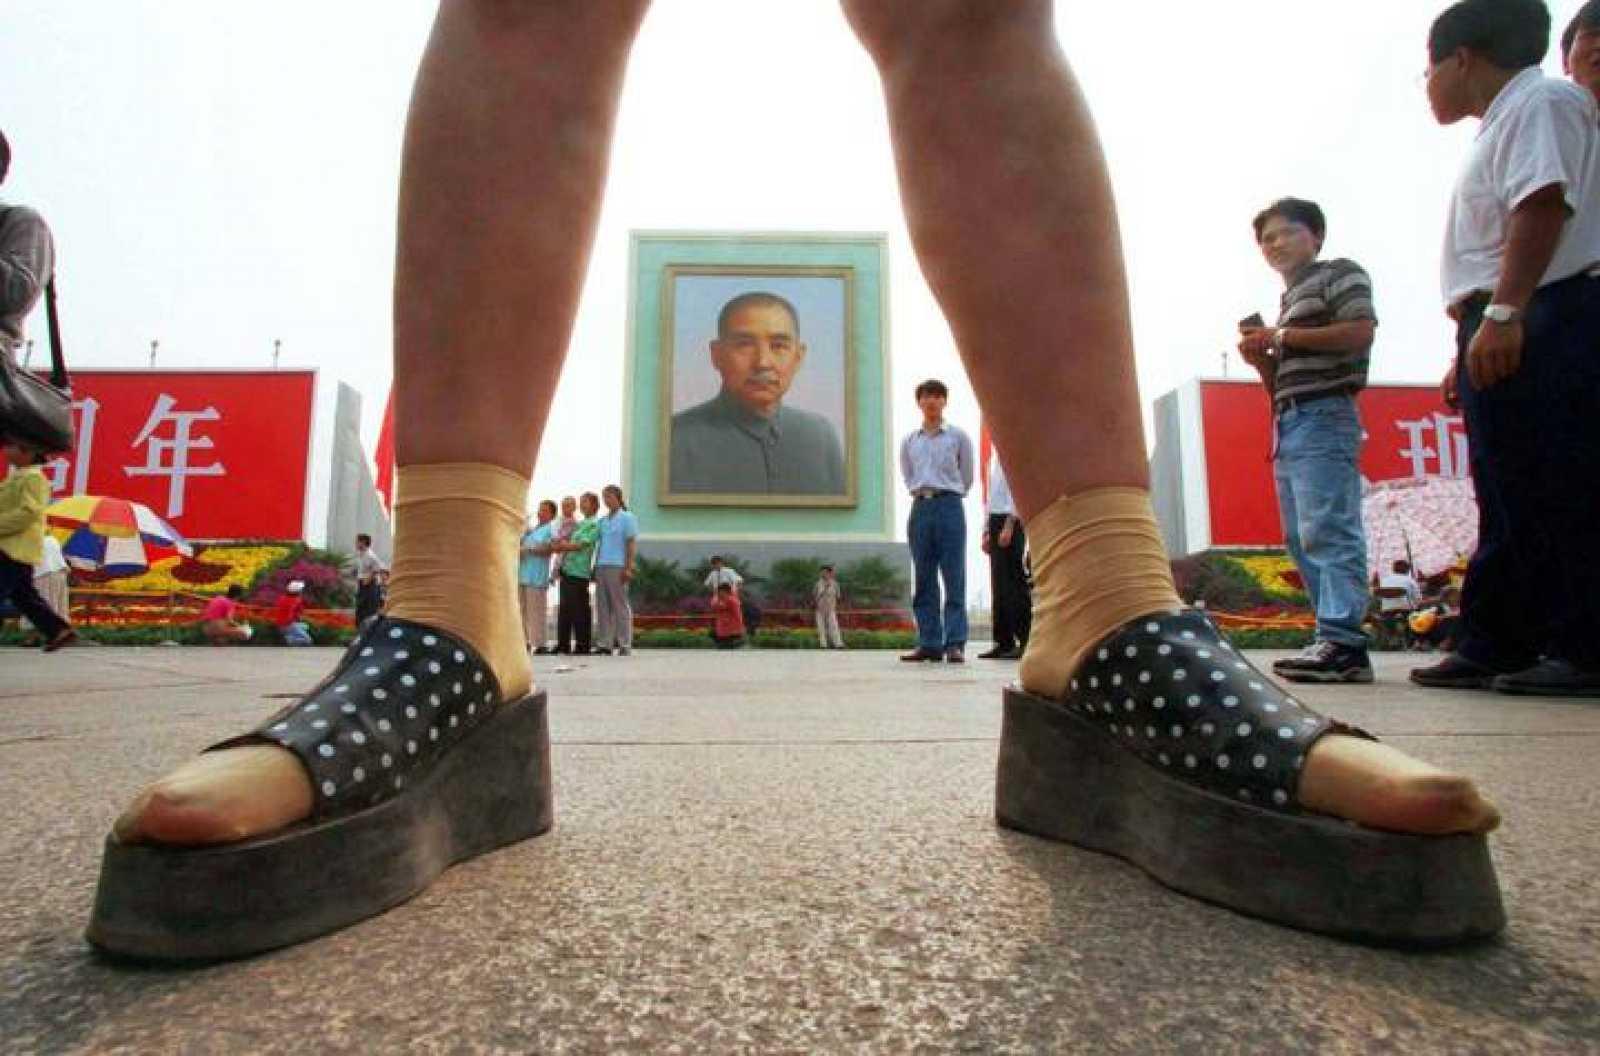 Los chinos deben evitar usar calcetines blancos y zapatos negros